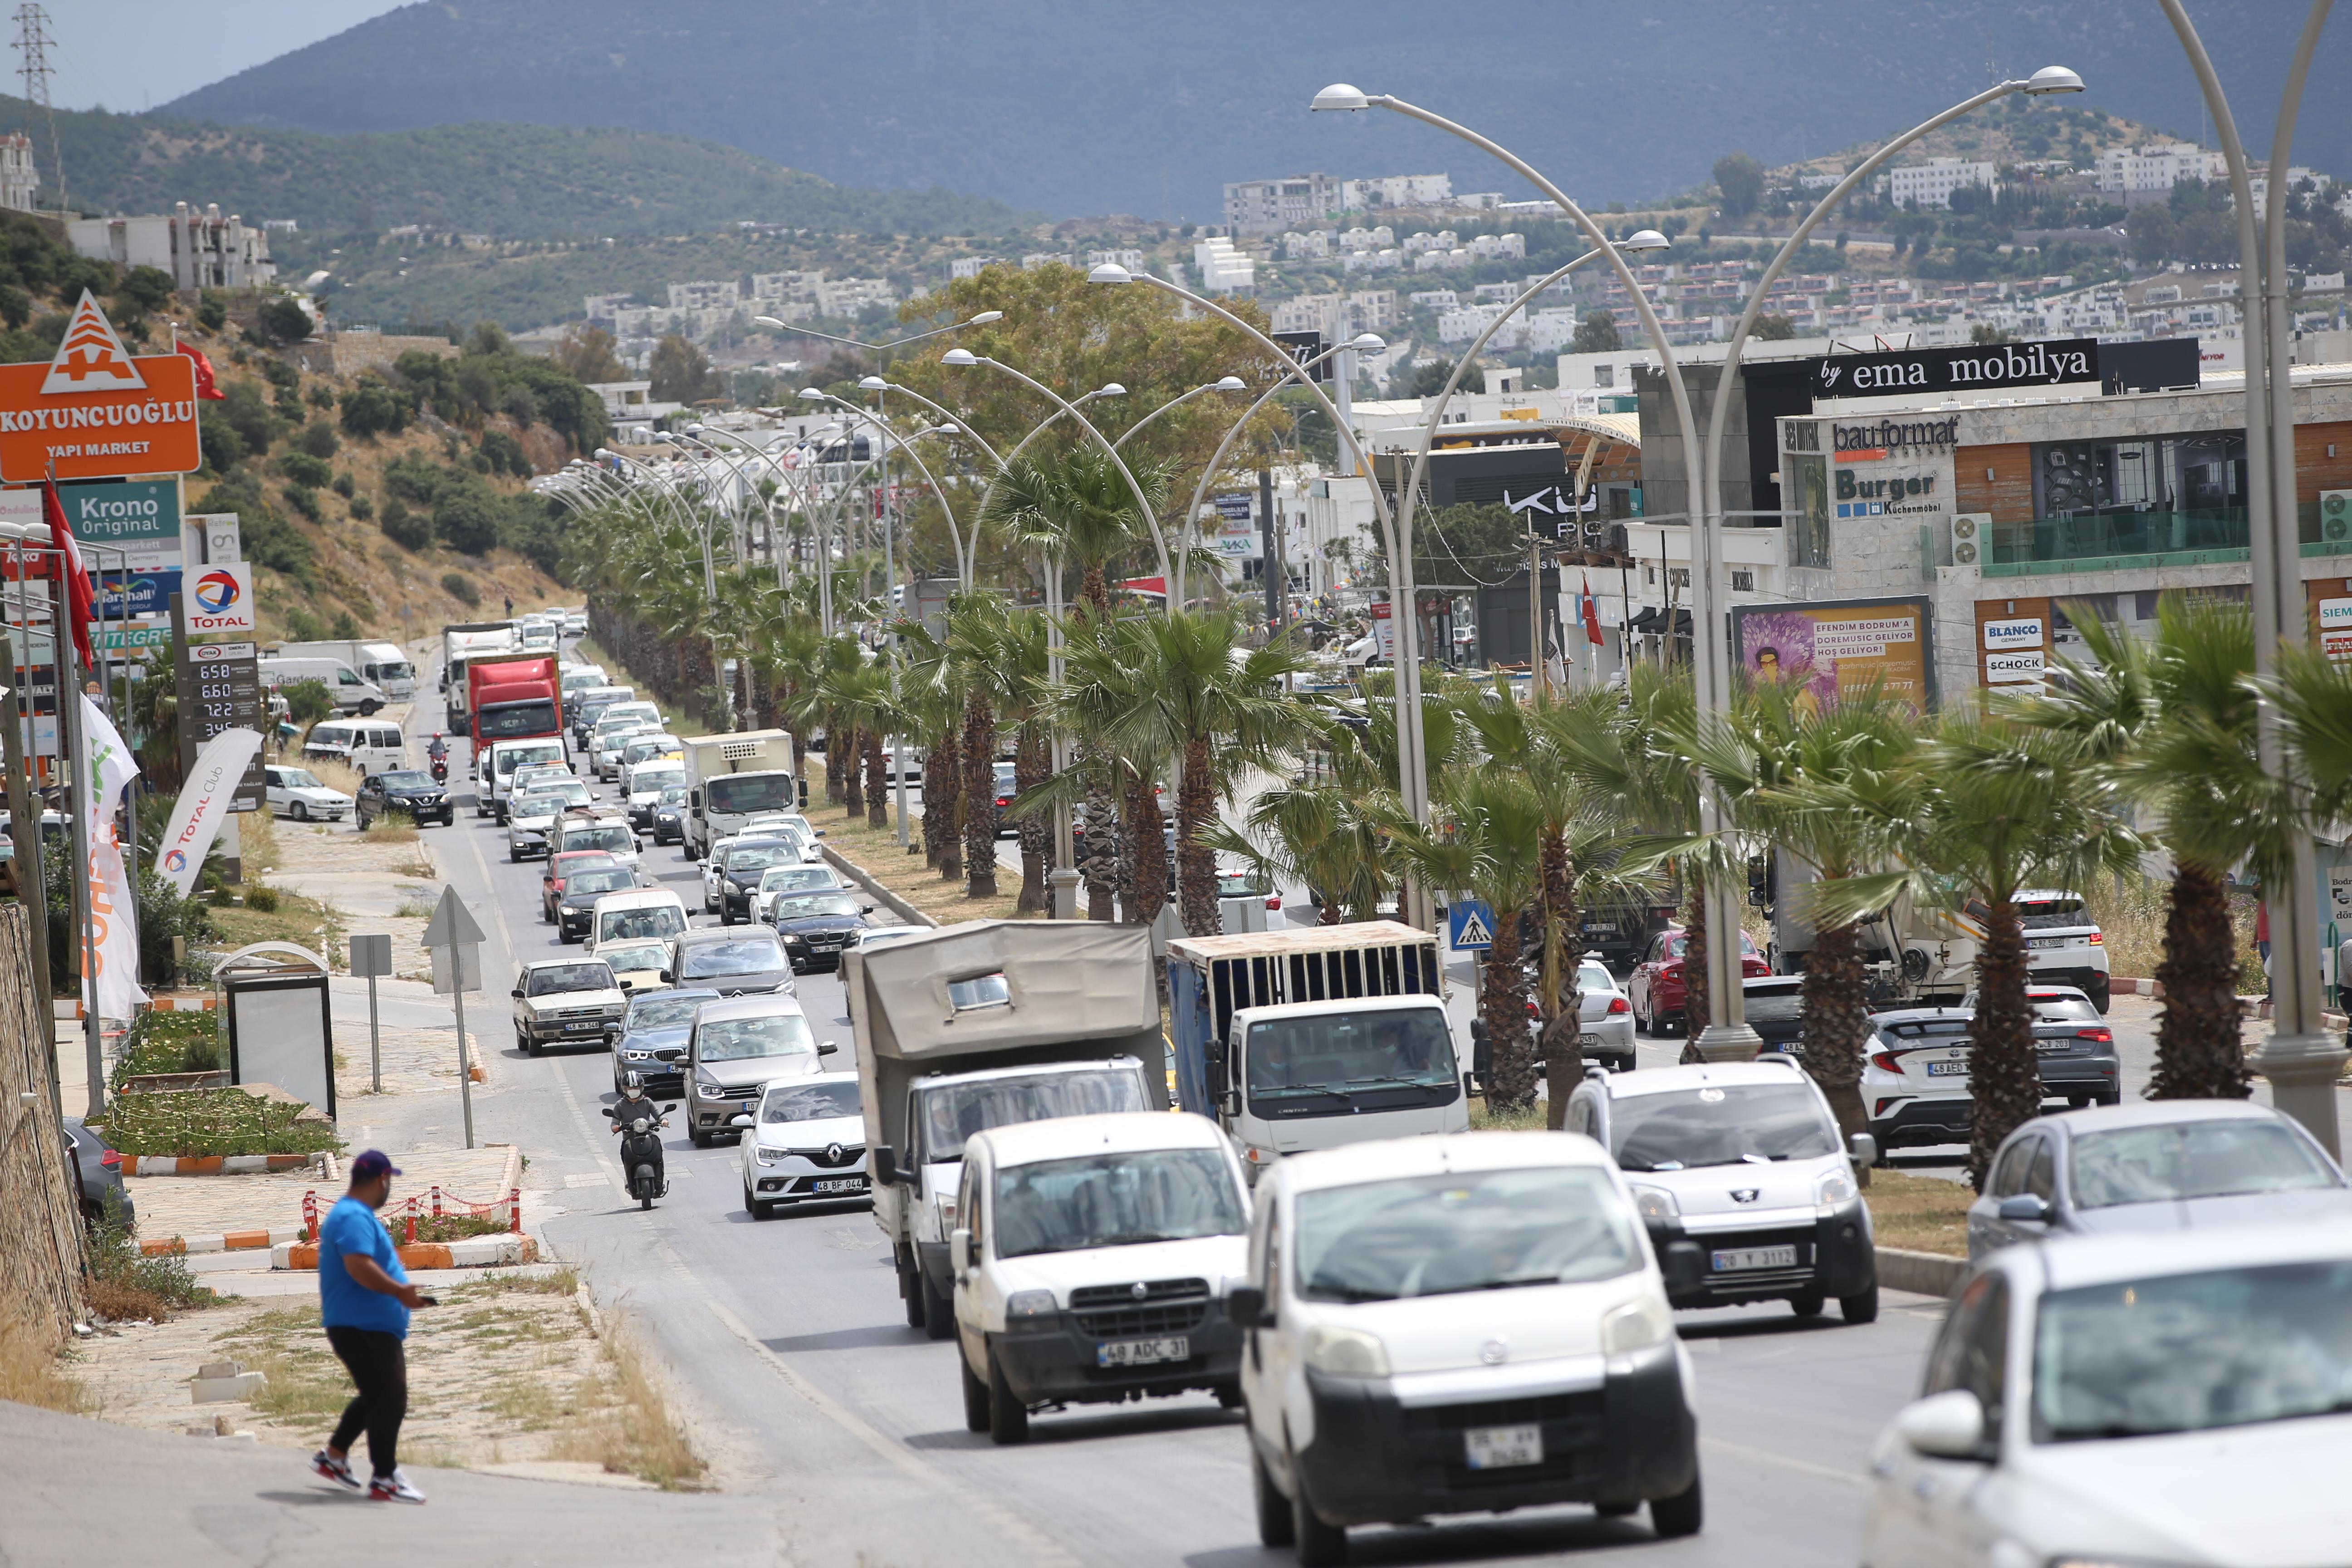 Tam kapanma öncesi vatandaşlar Bodrum'a akın etti